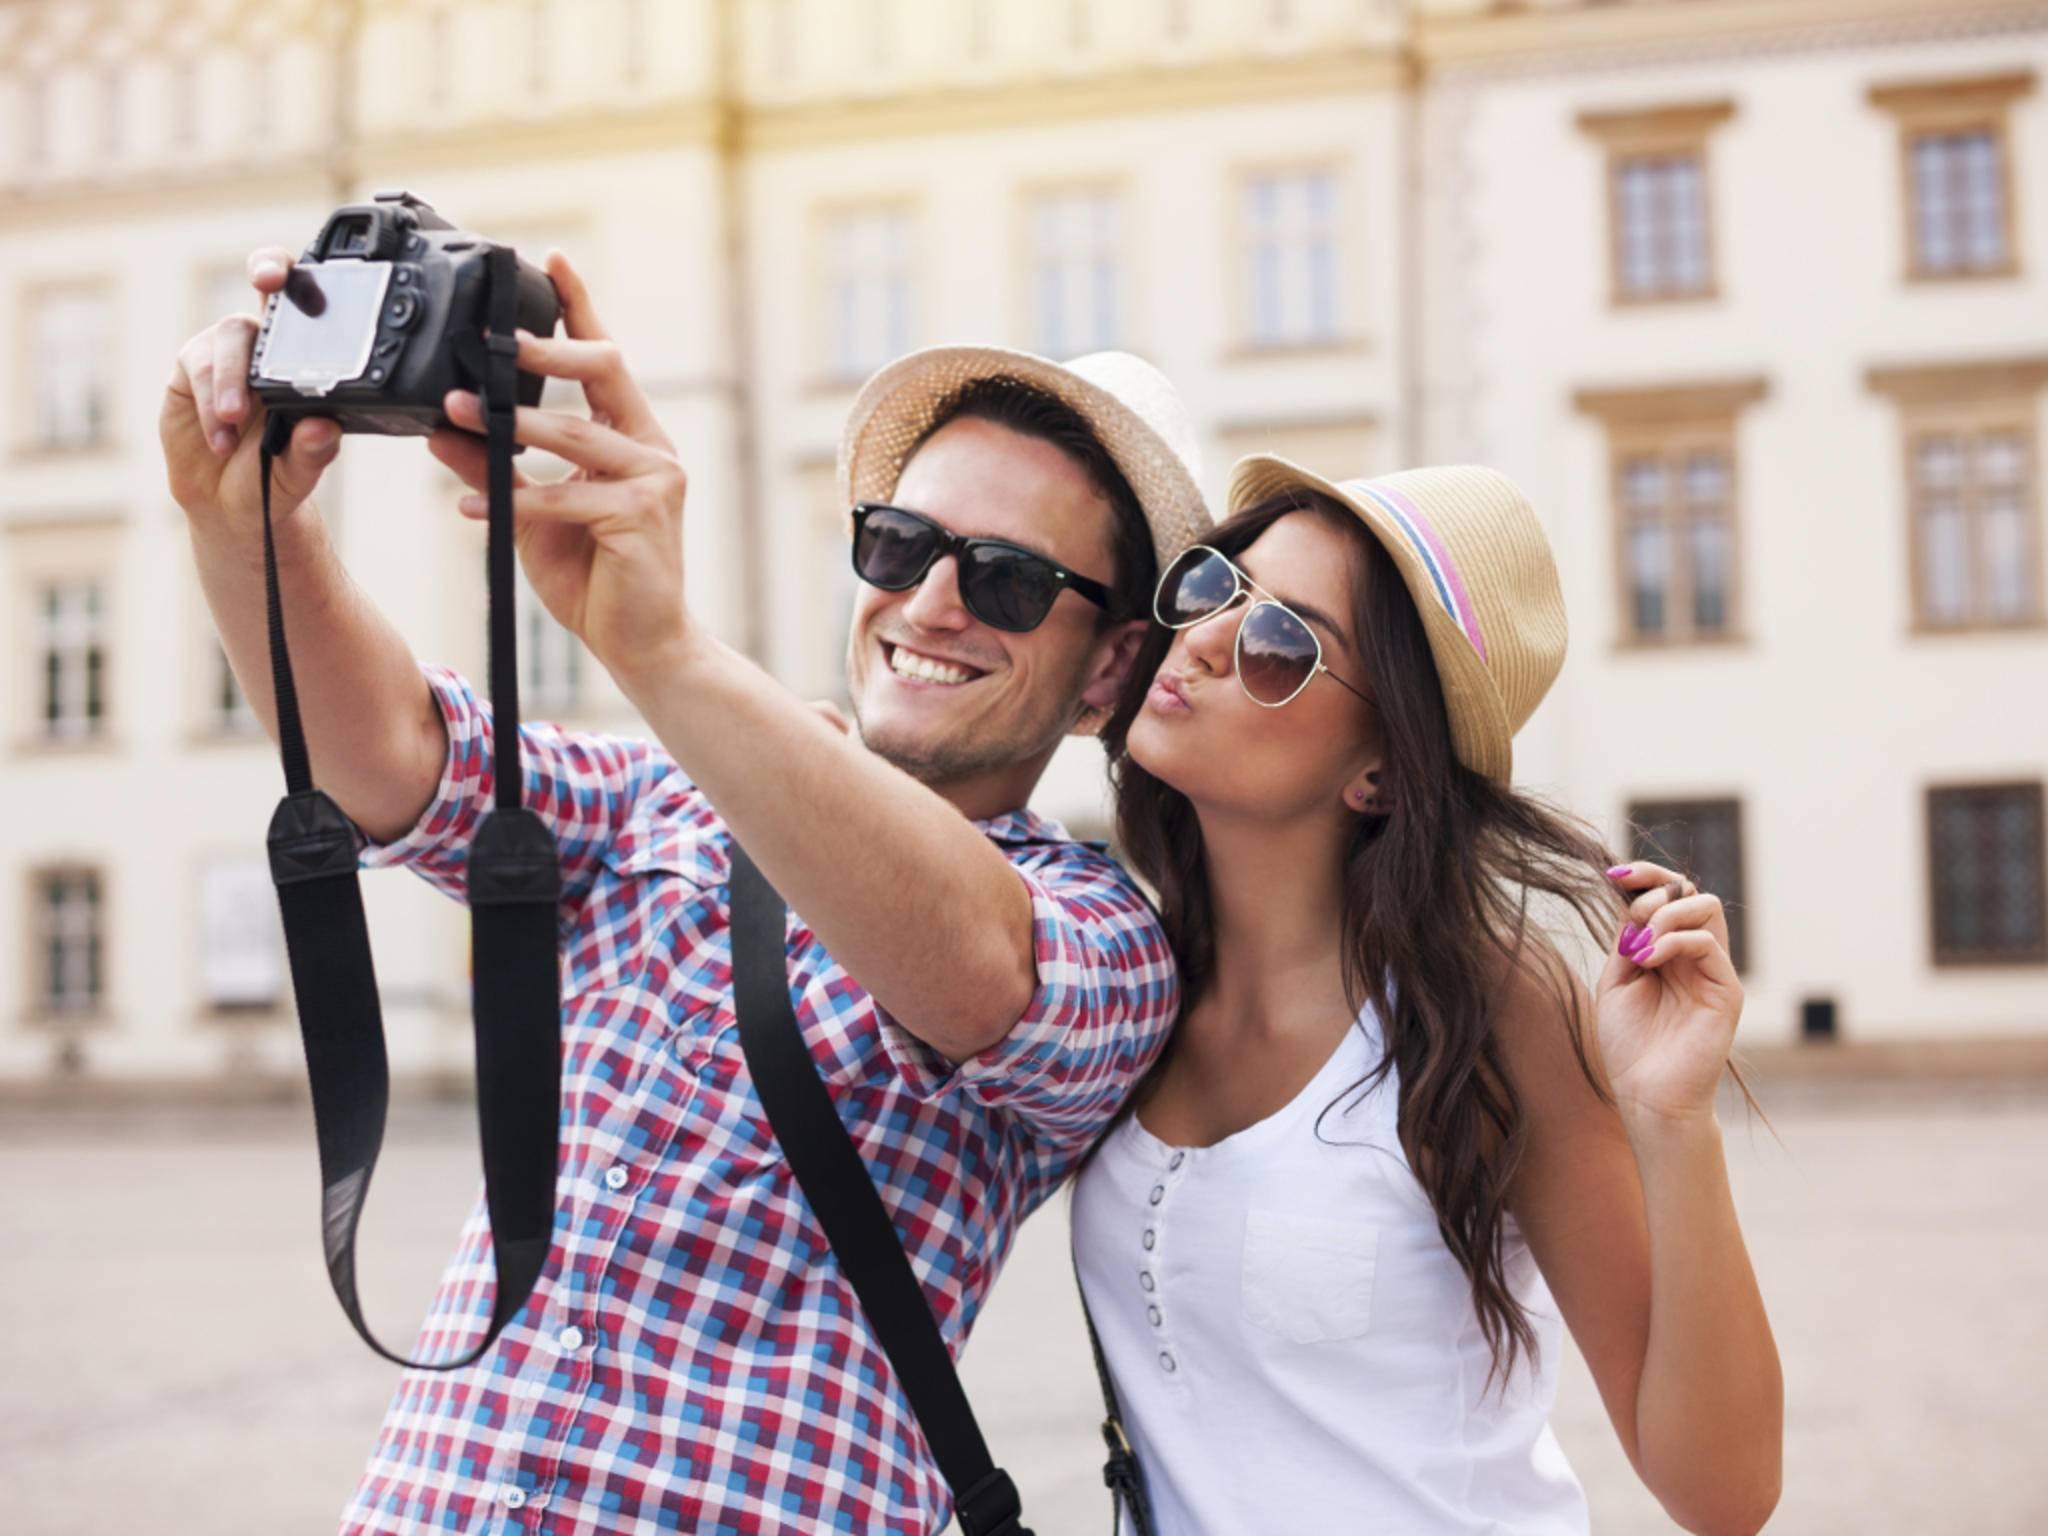 Für gute Urlaubsfotos brauchst Du das richtige Equipment.